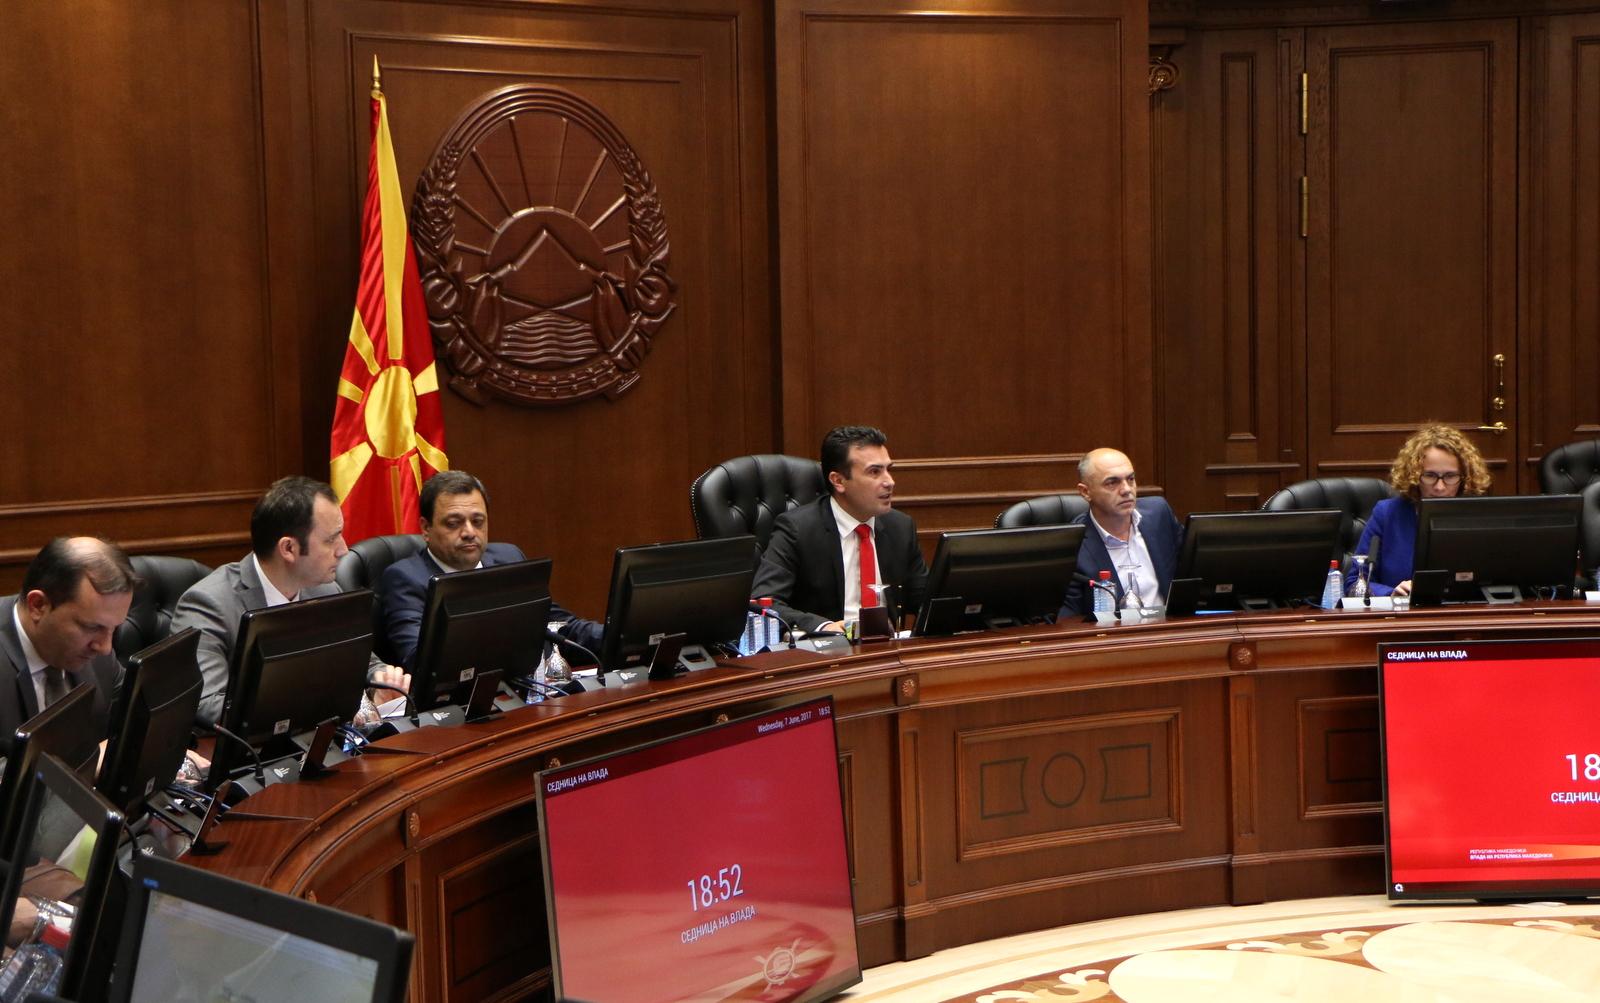 Αντιδράσεις από τον ανασχηματισμό του υπουργικού συμβουλίου στη Βόρεια Μακεδονία